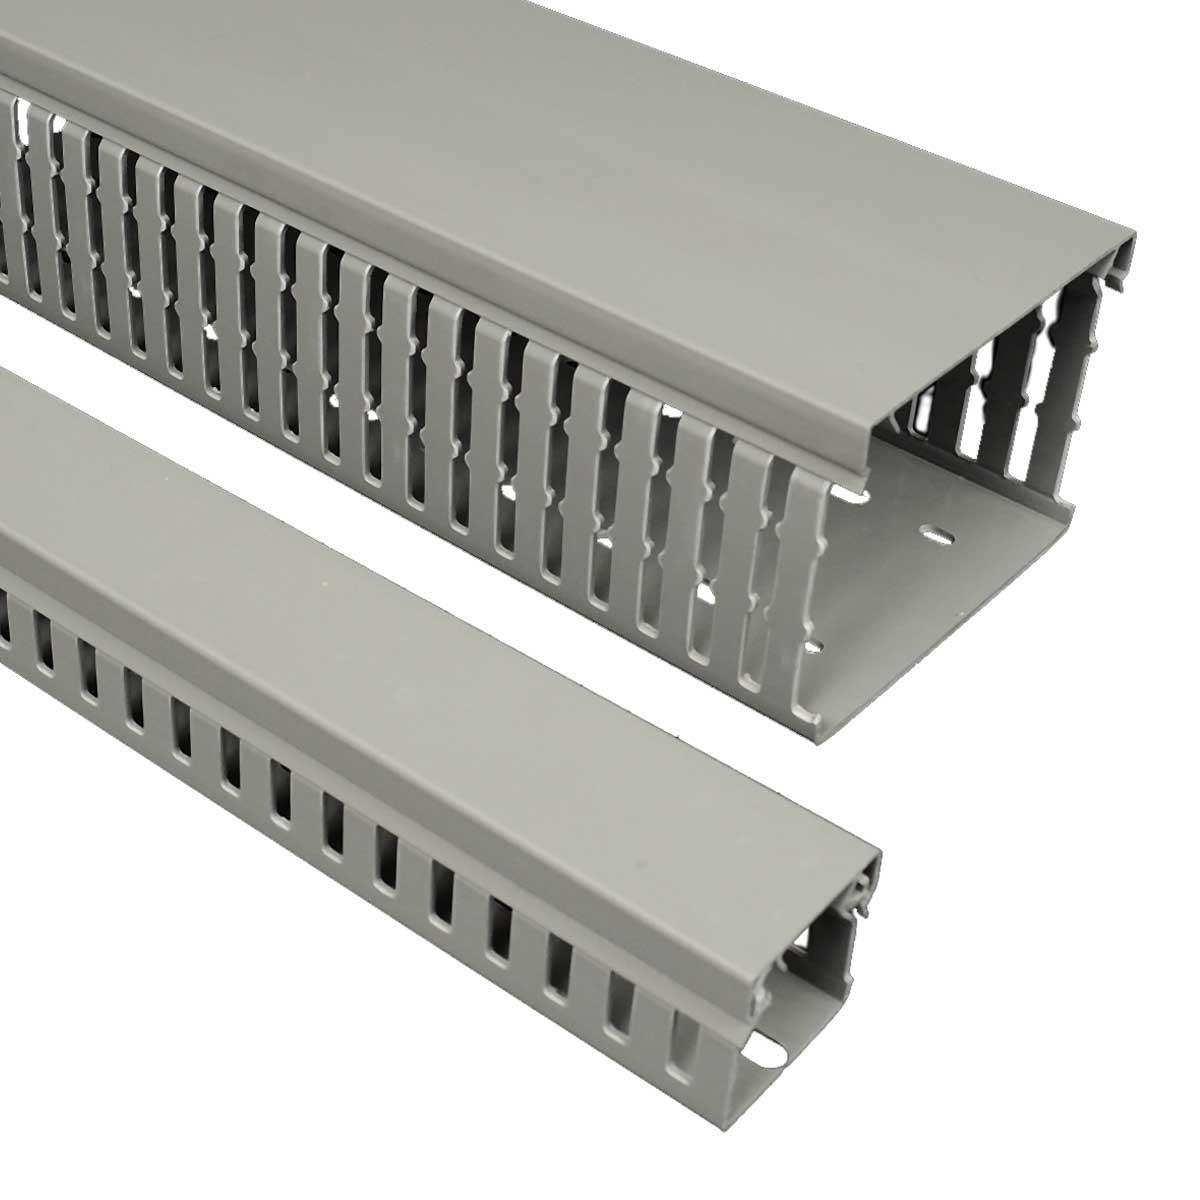 Кабельний канал перфорований DIN  25х25мм; довжина 2м.ш.ребра-7,5мм;між ребрами- 5мм;  ПВХ; сірий